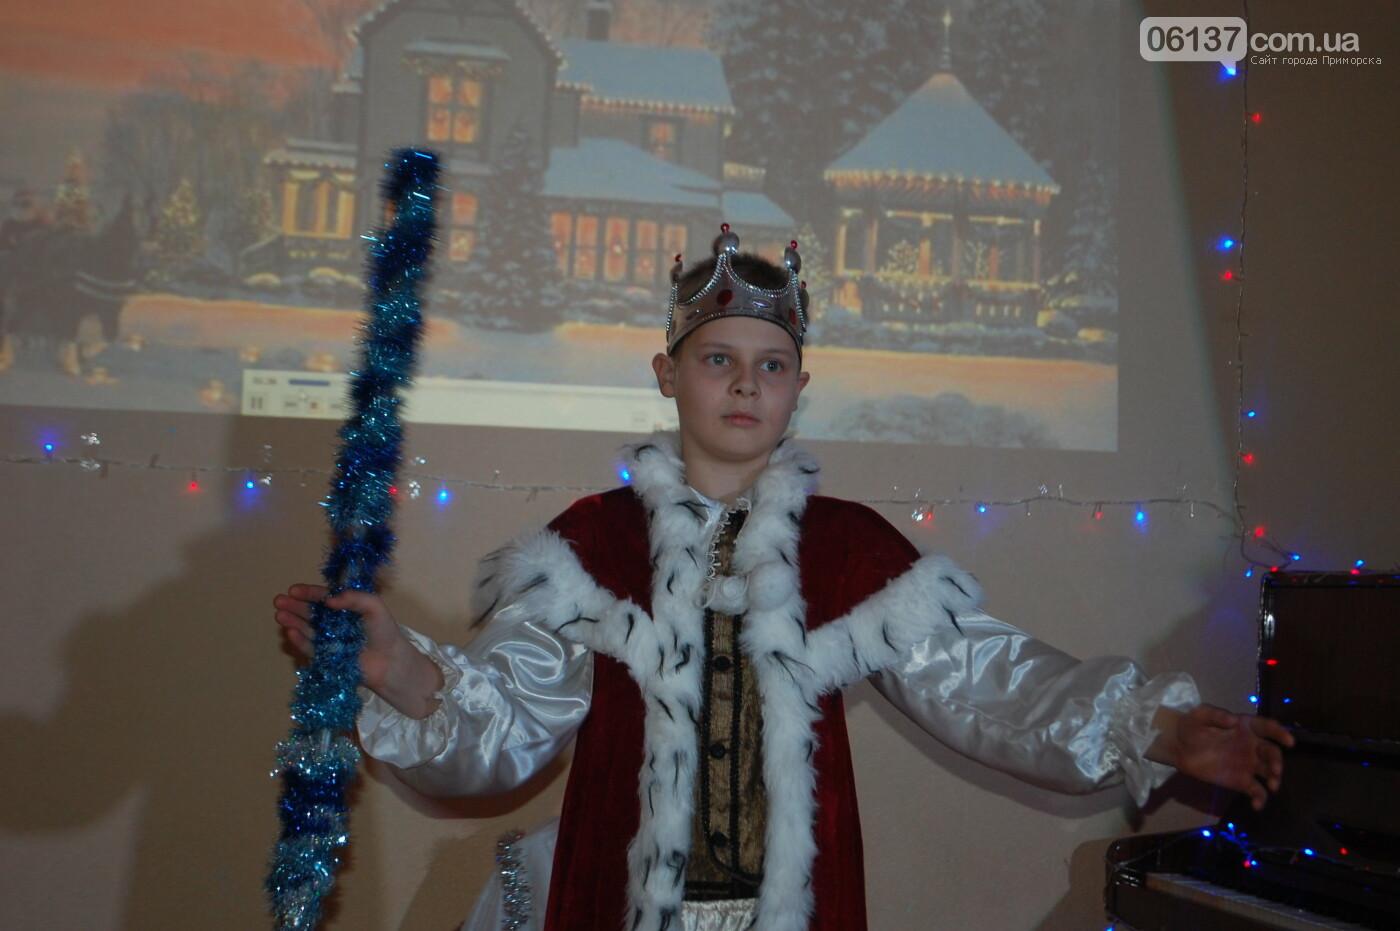 Прекрасна Снігуронька в дитячих серцях та творчості, фото-1